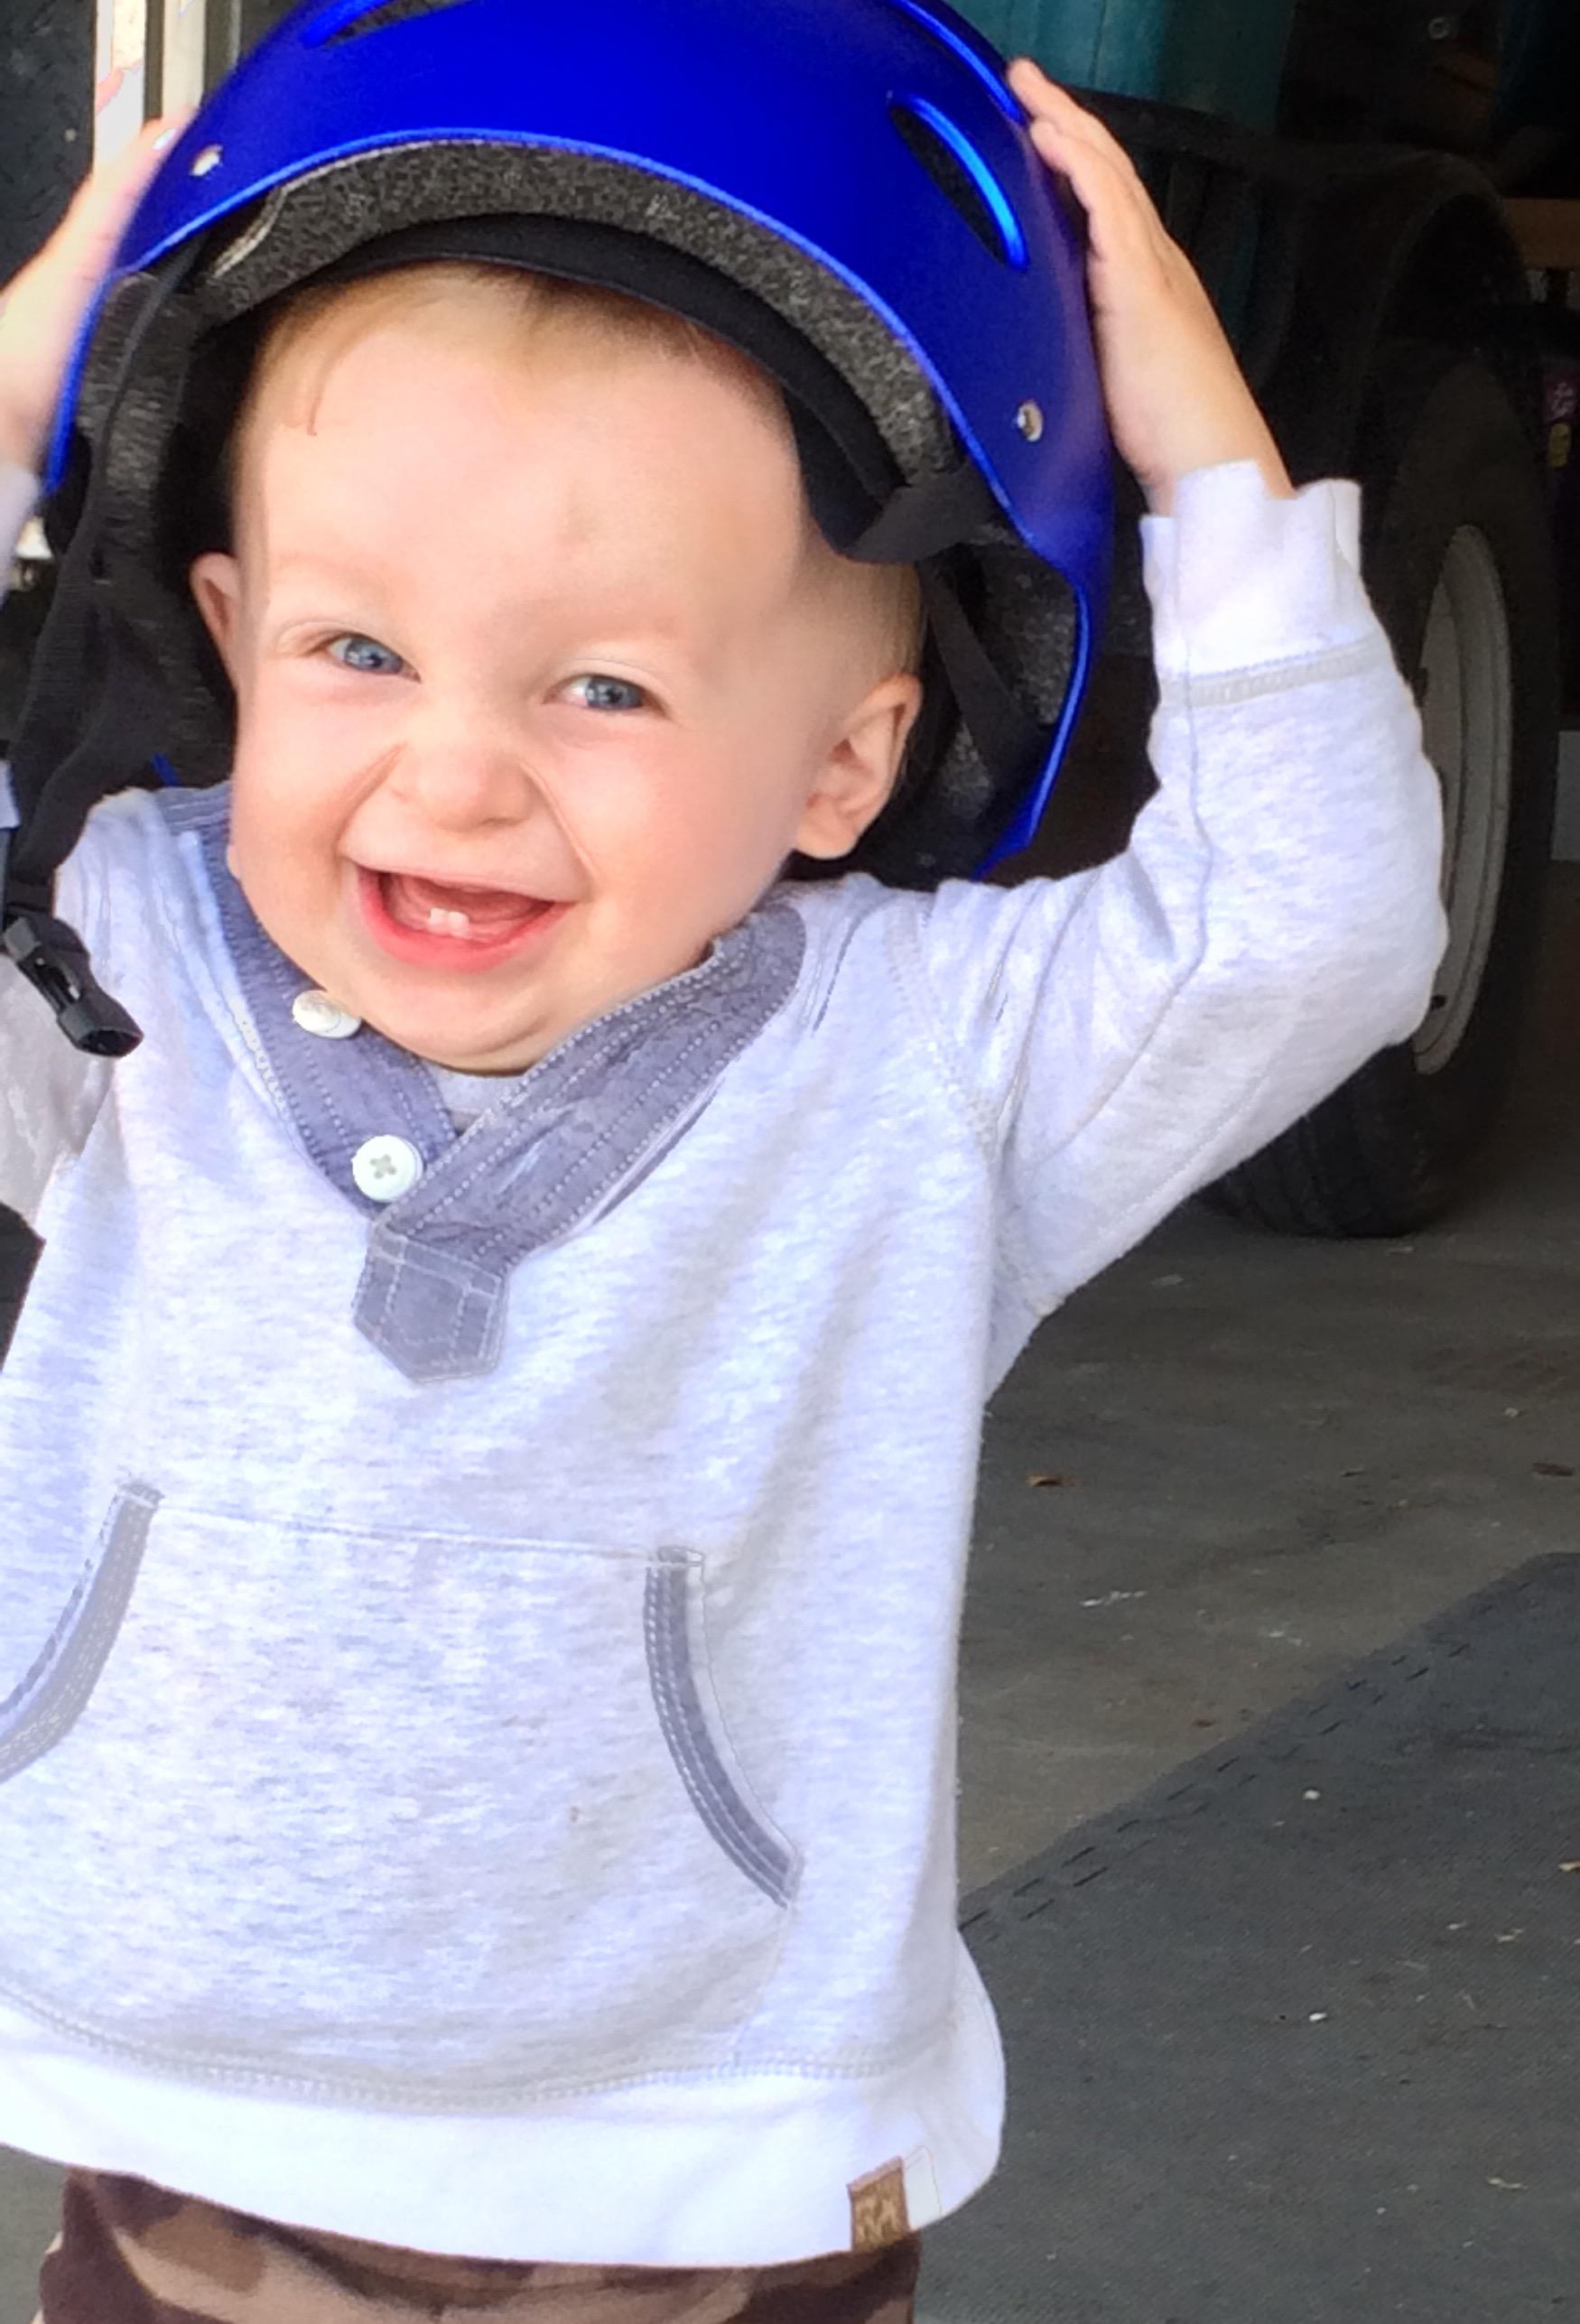 Finn LOVES Asher's bike and helmet. (HDR sometimes looks weird on my phone.)